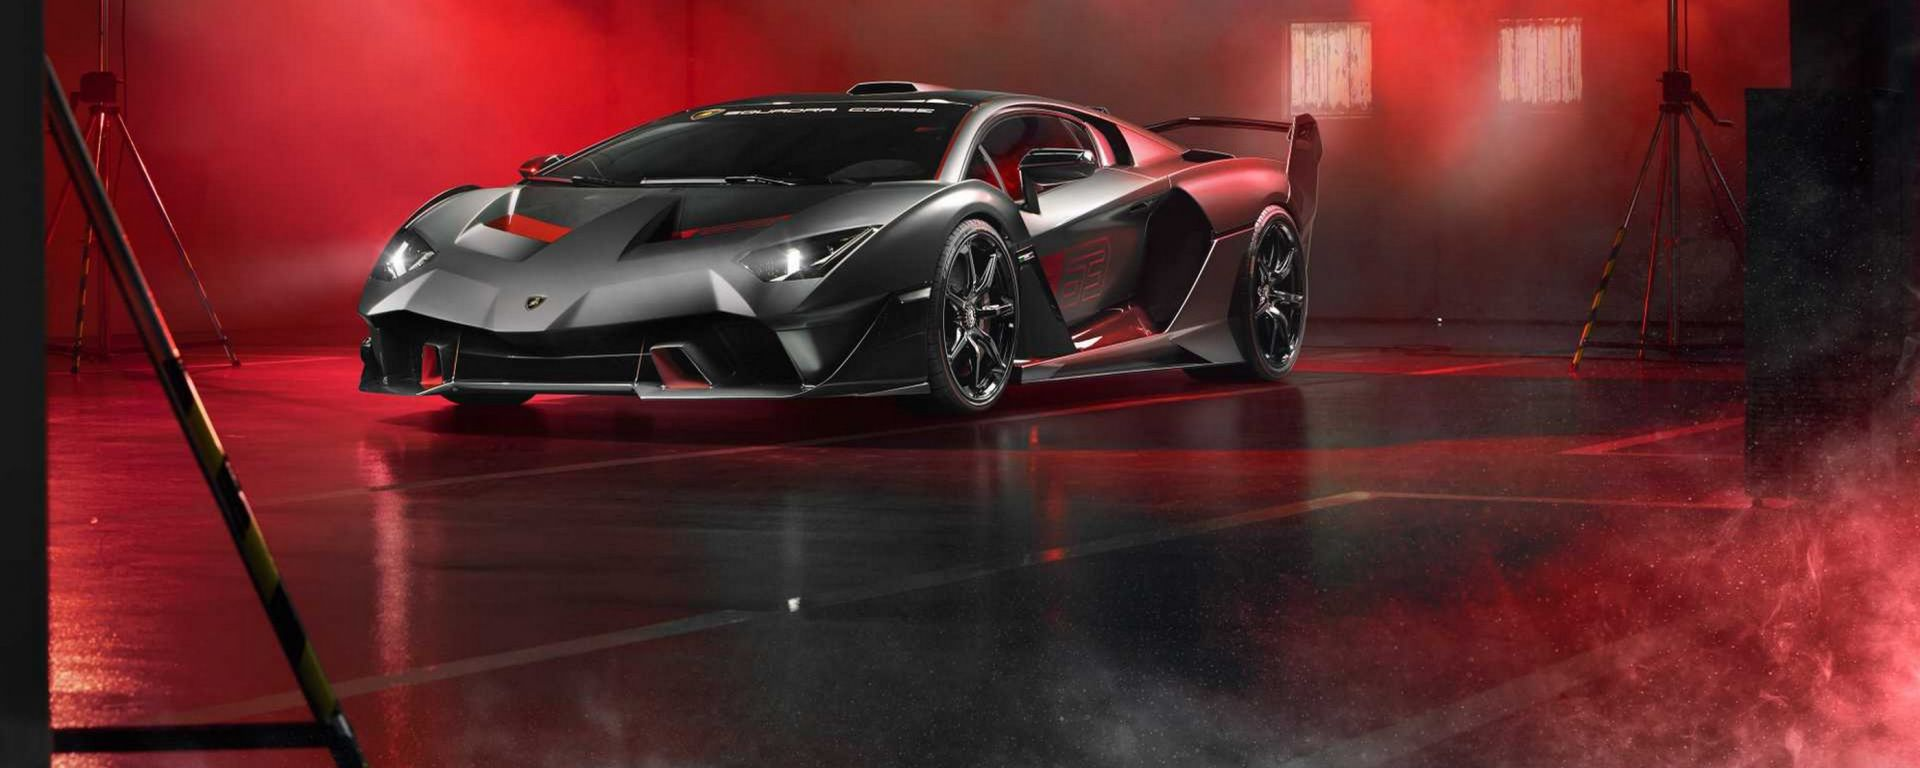 Lamborghini SC18 su base Aventador: potrebbe essere questa la base per la Hypercar Wec